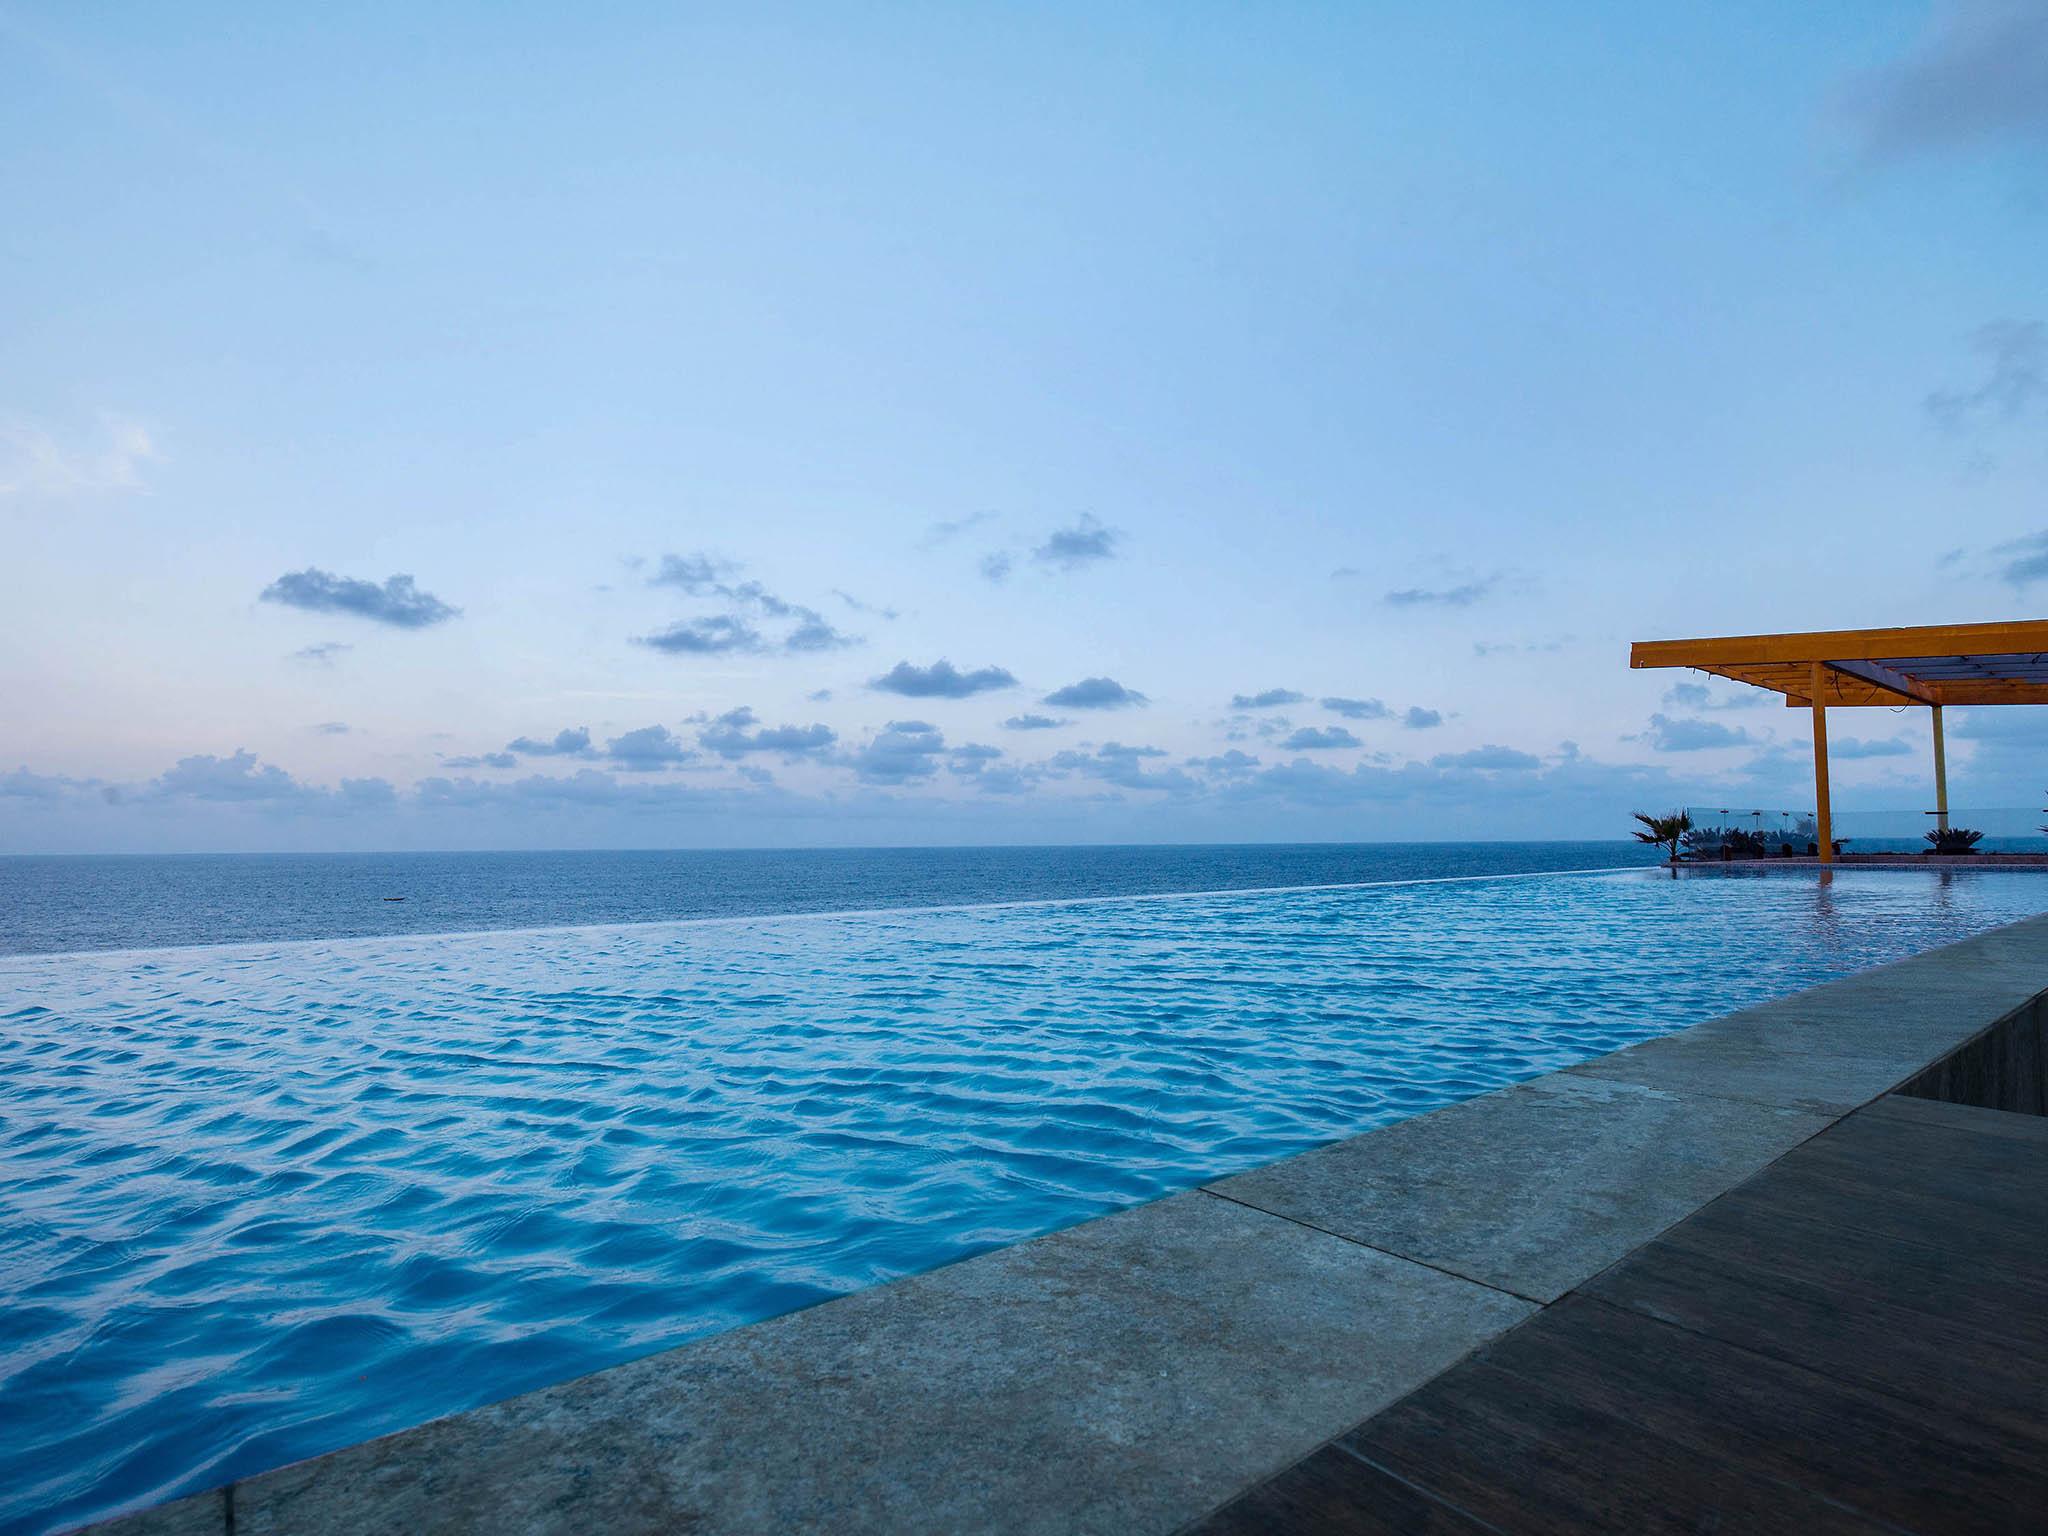 Hotel – The Bheemli Resort - beheerd door AccorHotels